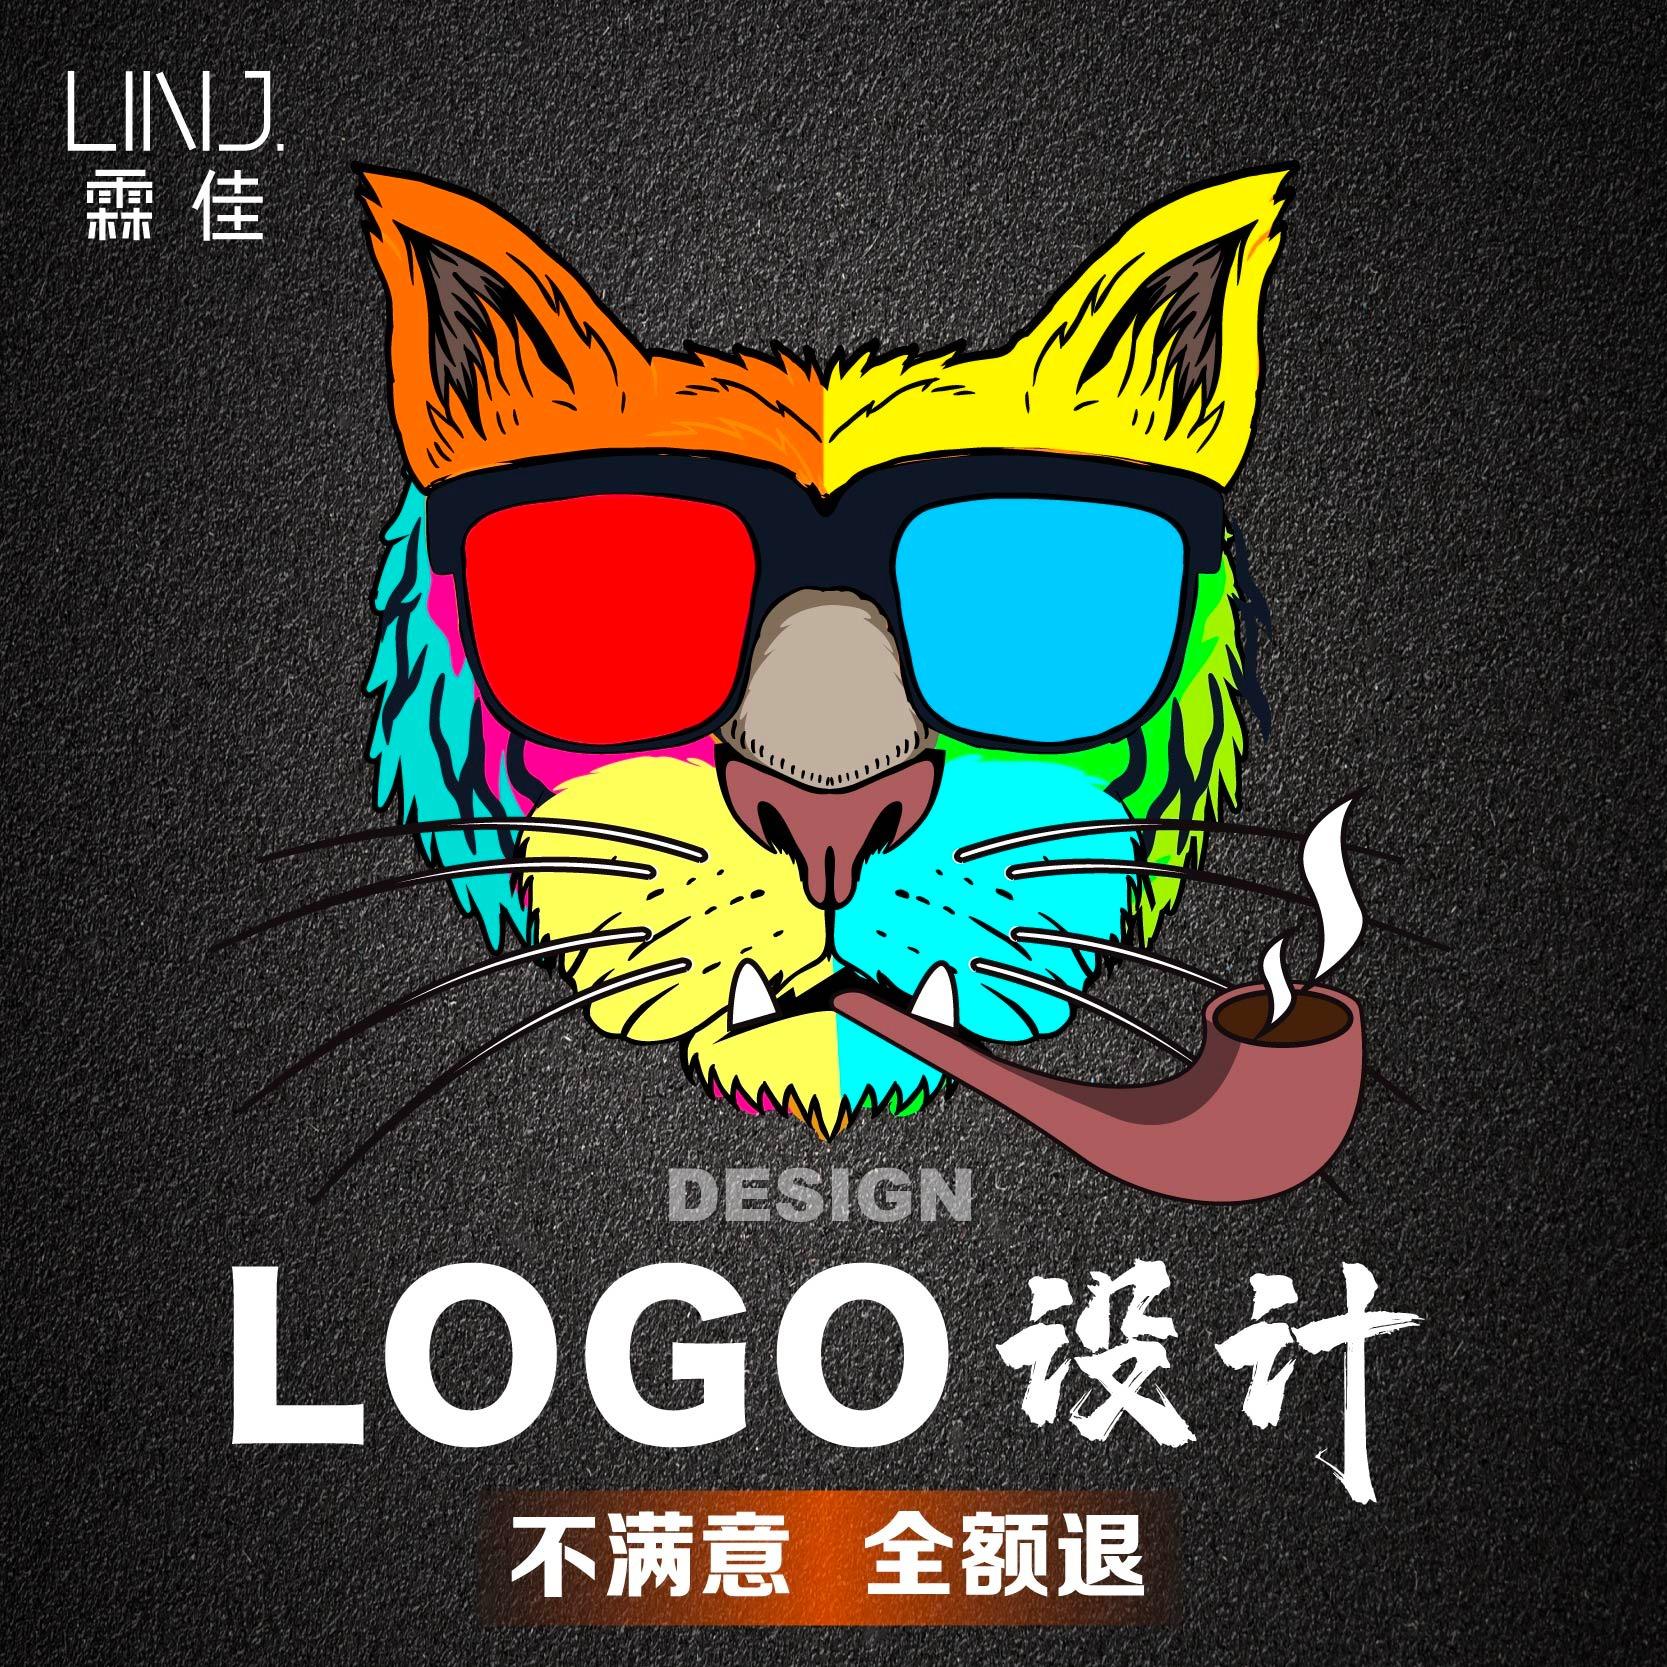 【LOGO设计】企业公司LOGO/动态logo/商标字体设计